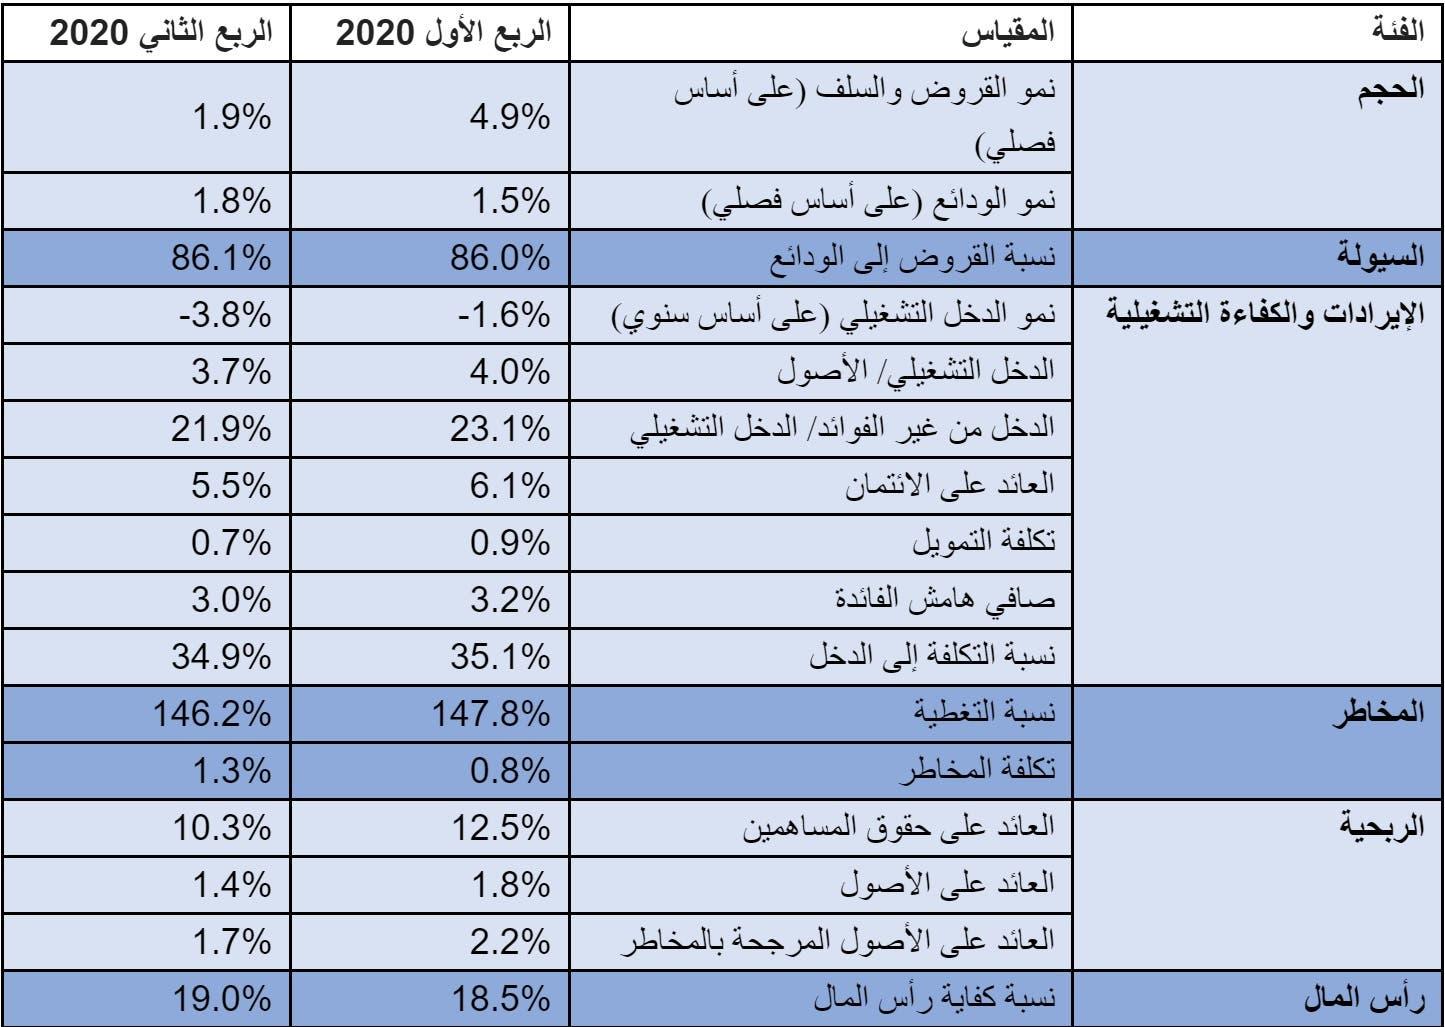 أداء البنوك السعودية - تقرير ألفاريز آند مارسال